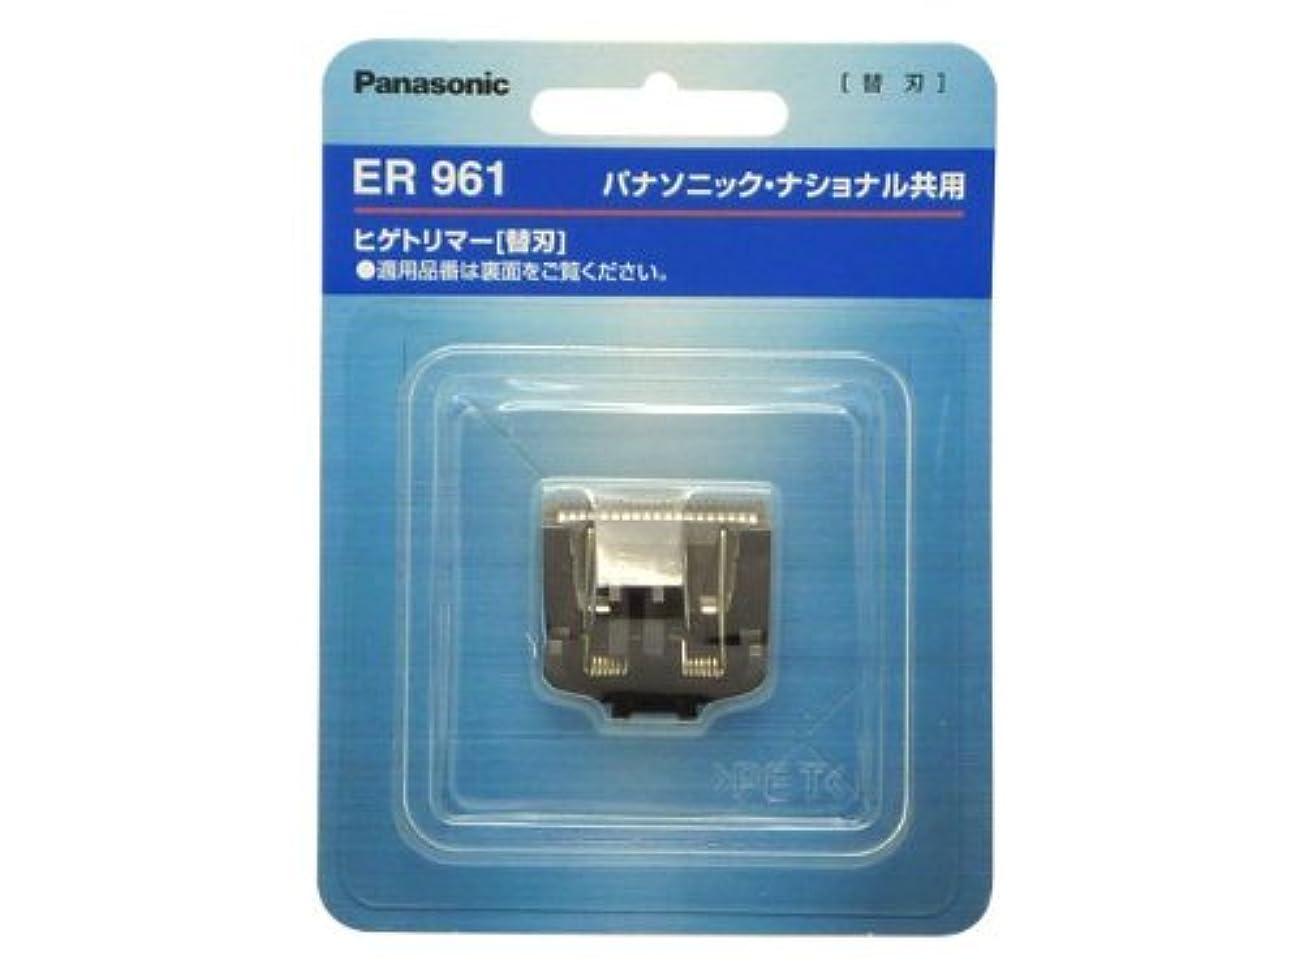 口ひげ矢異形パナソニック 替刃 ヒゲトリマー用 ER961